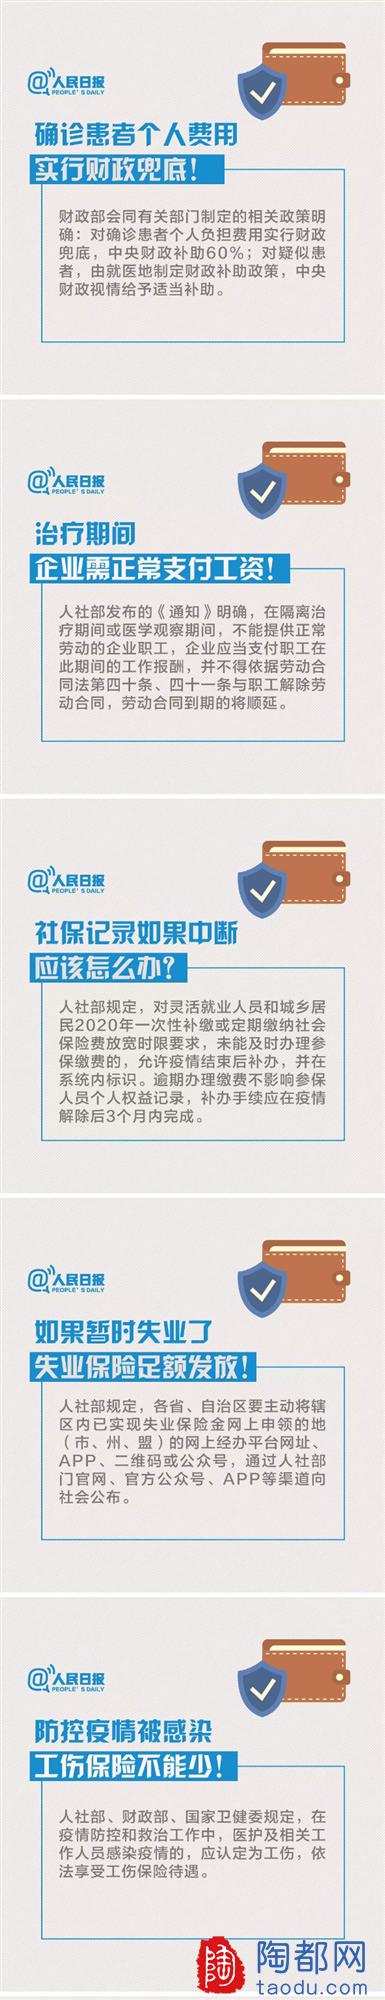 QQ图片20200214145155_副本.png